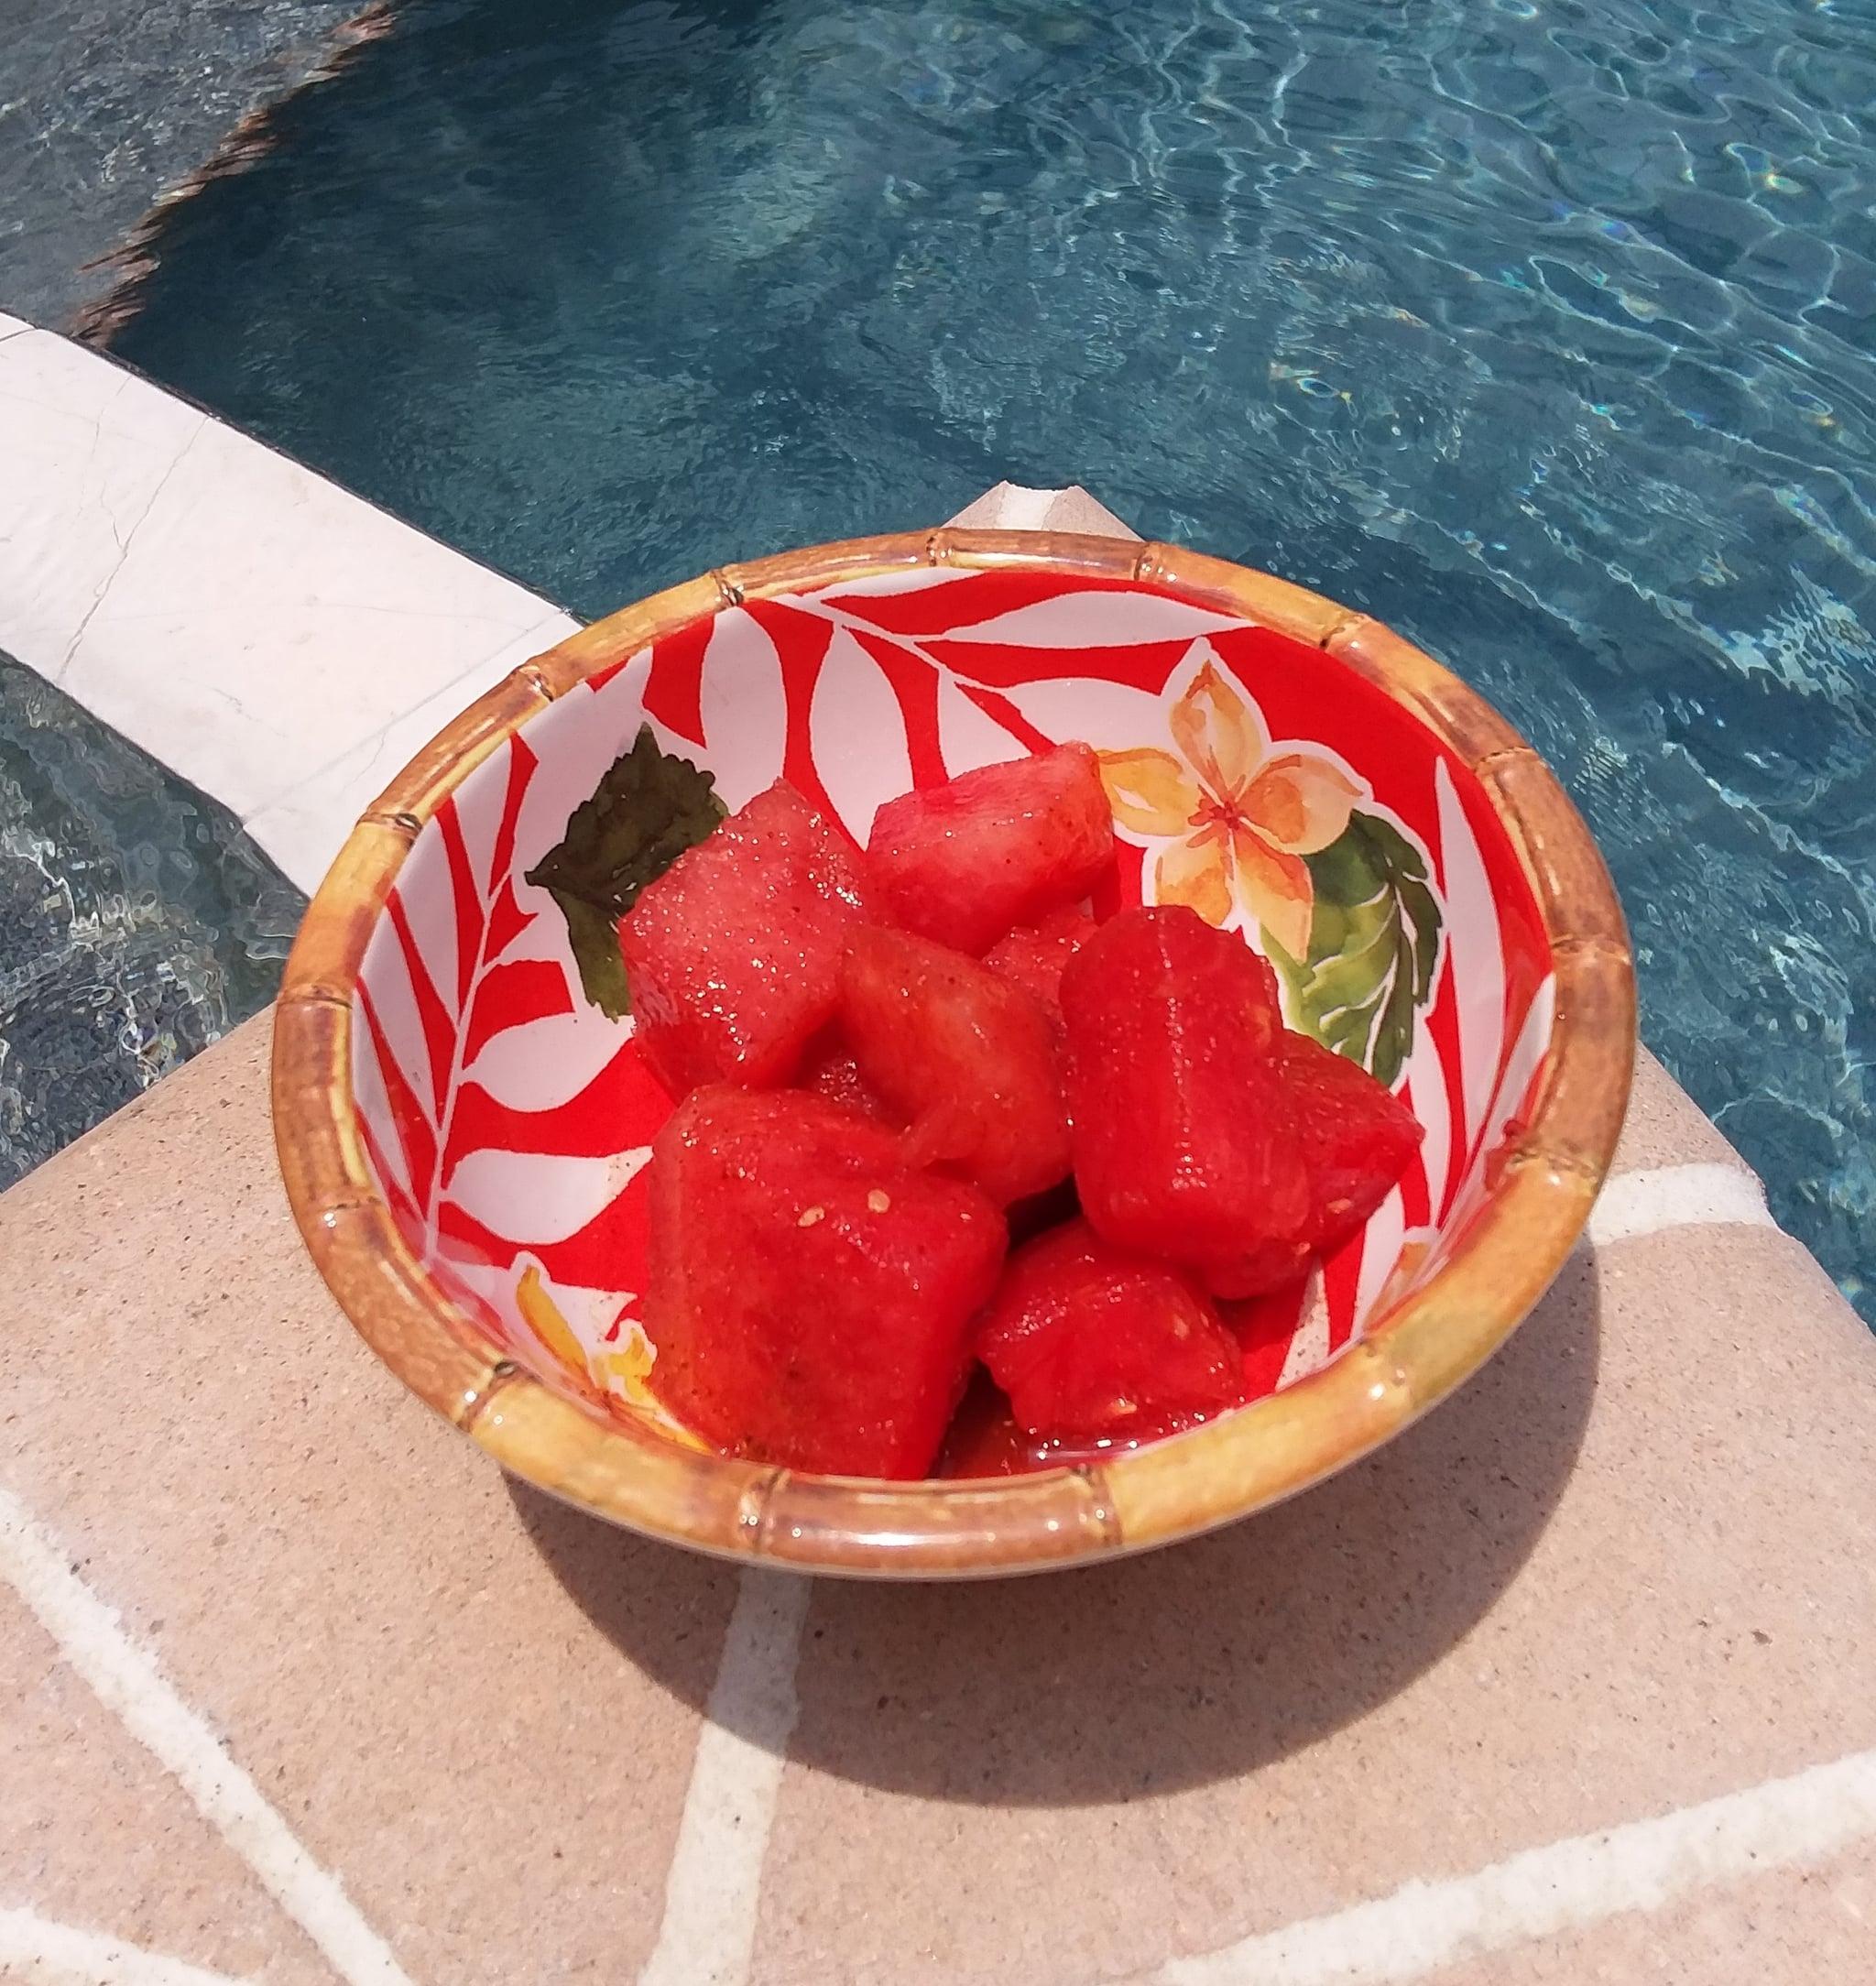 tmp_KWD6bb_0ff0c546704f2787_watermelon-2.jpg